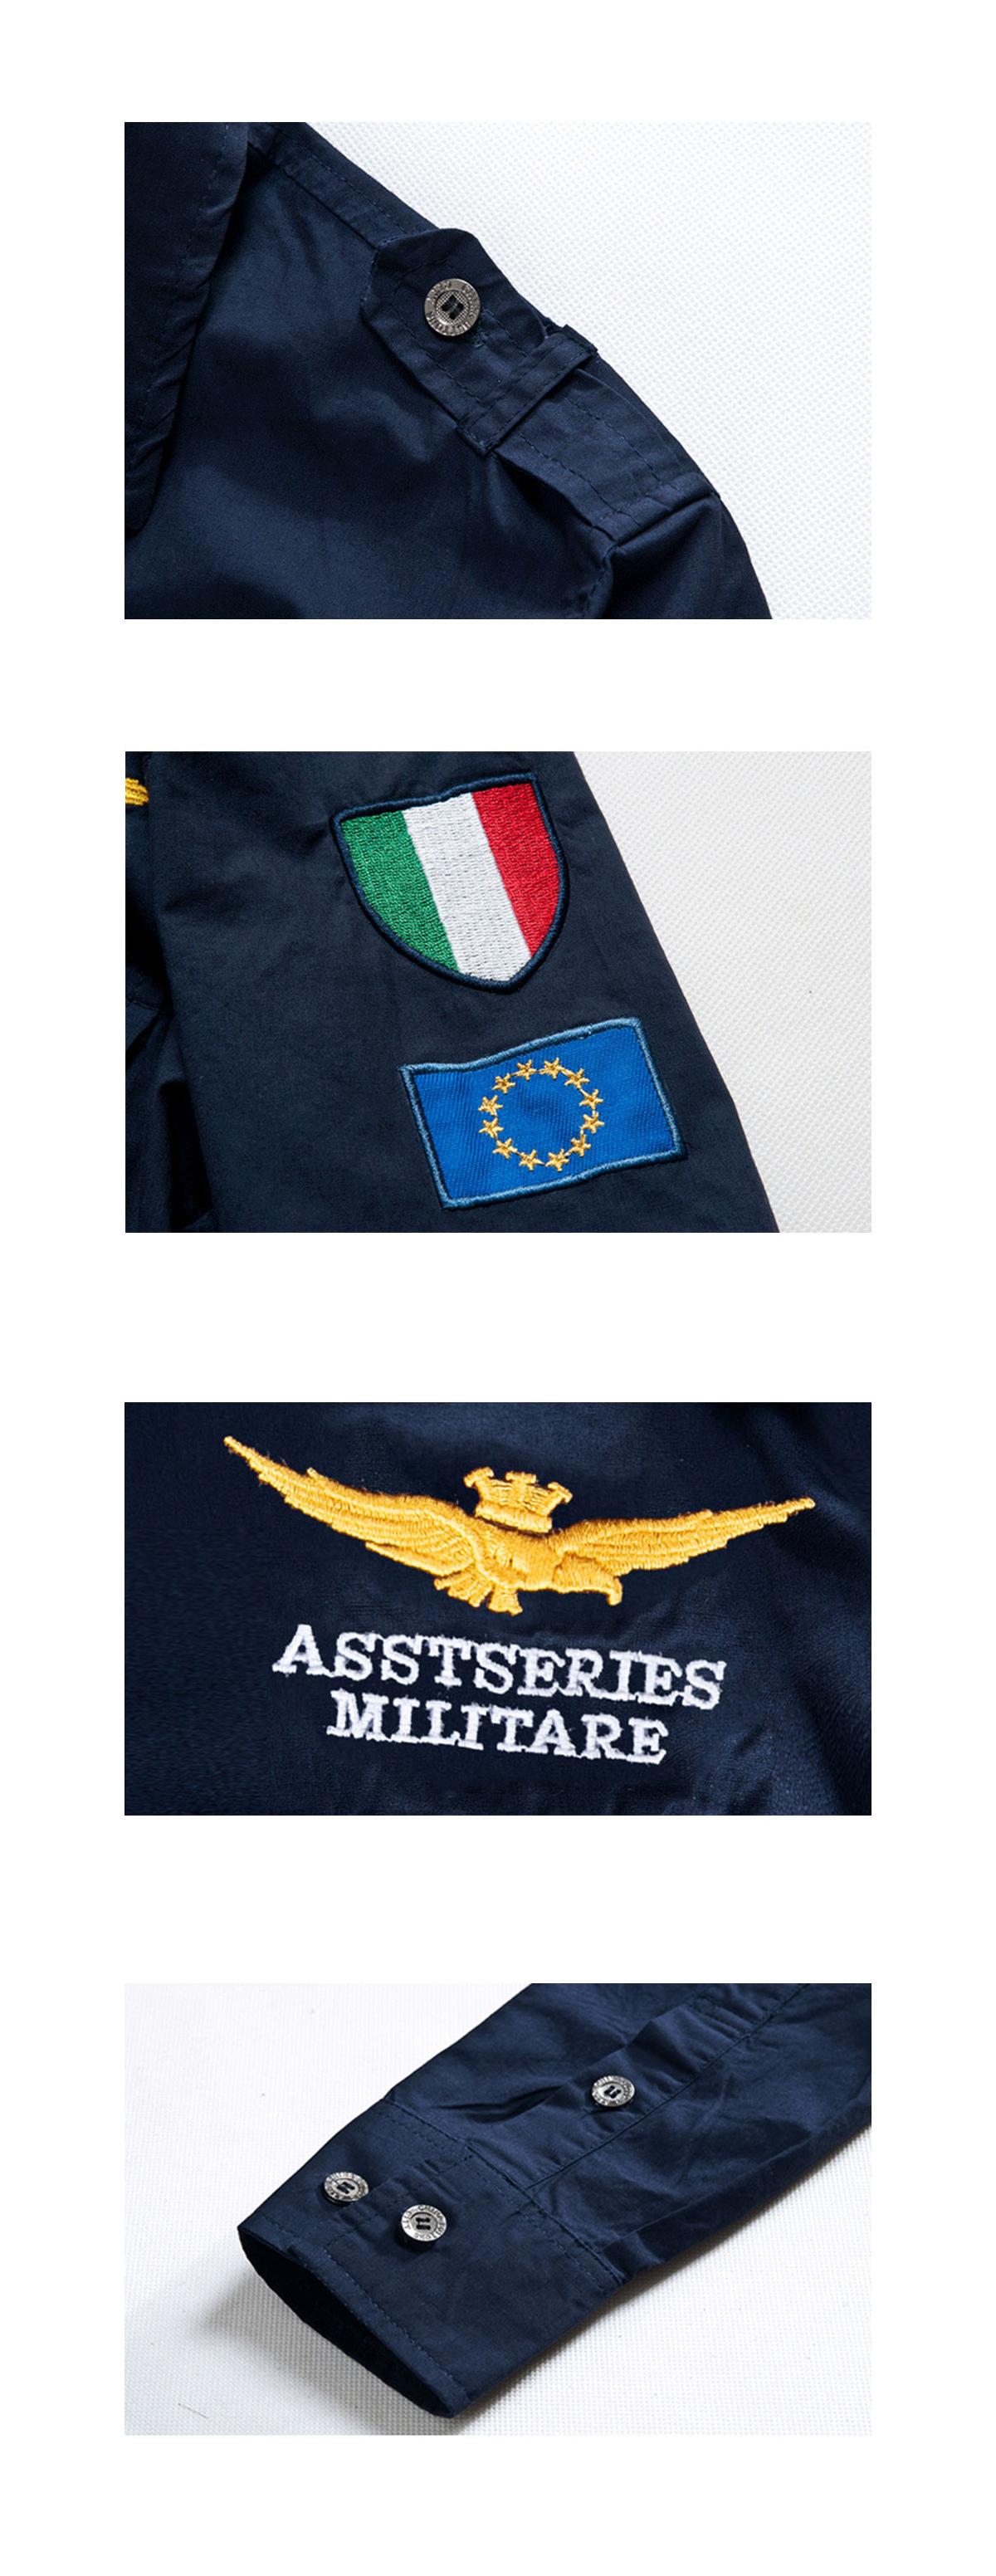 軍風系單品.臂章設計長袖襯衫